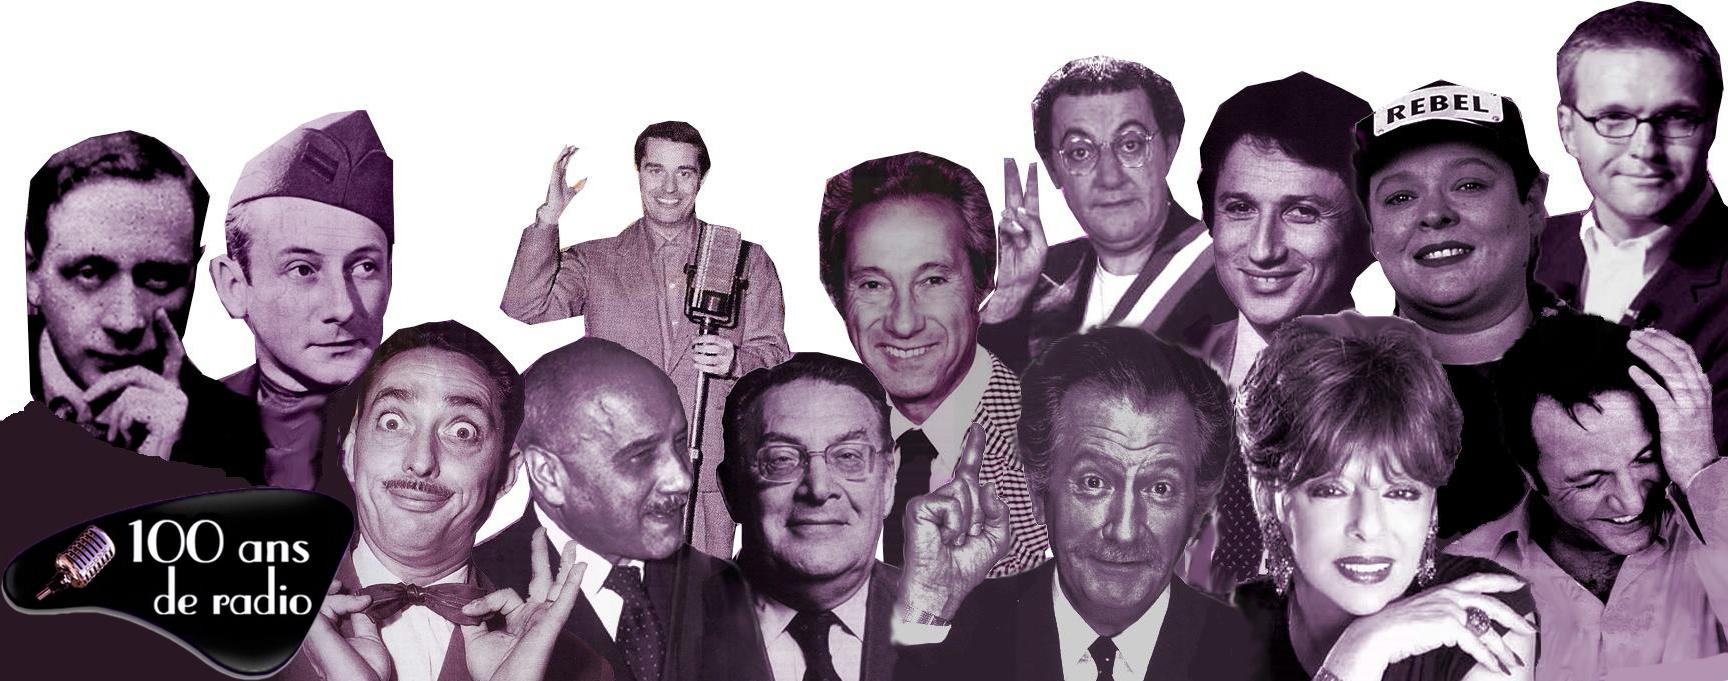 100 ans de radio, le site